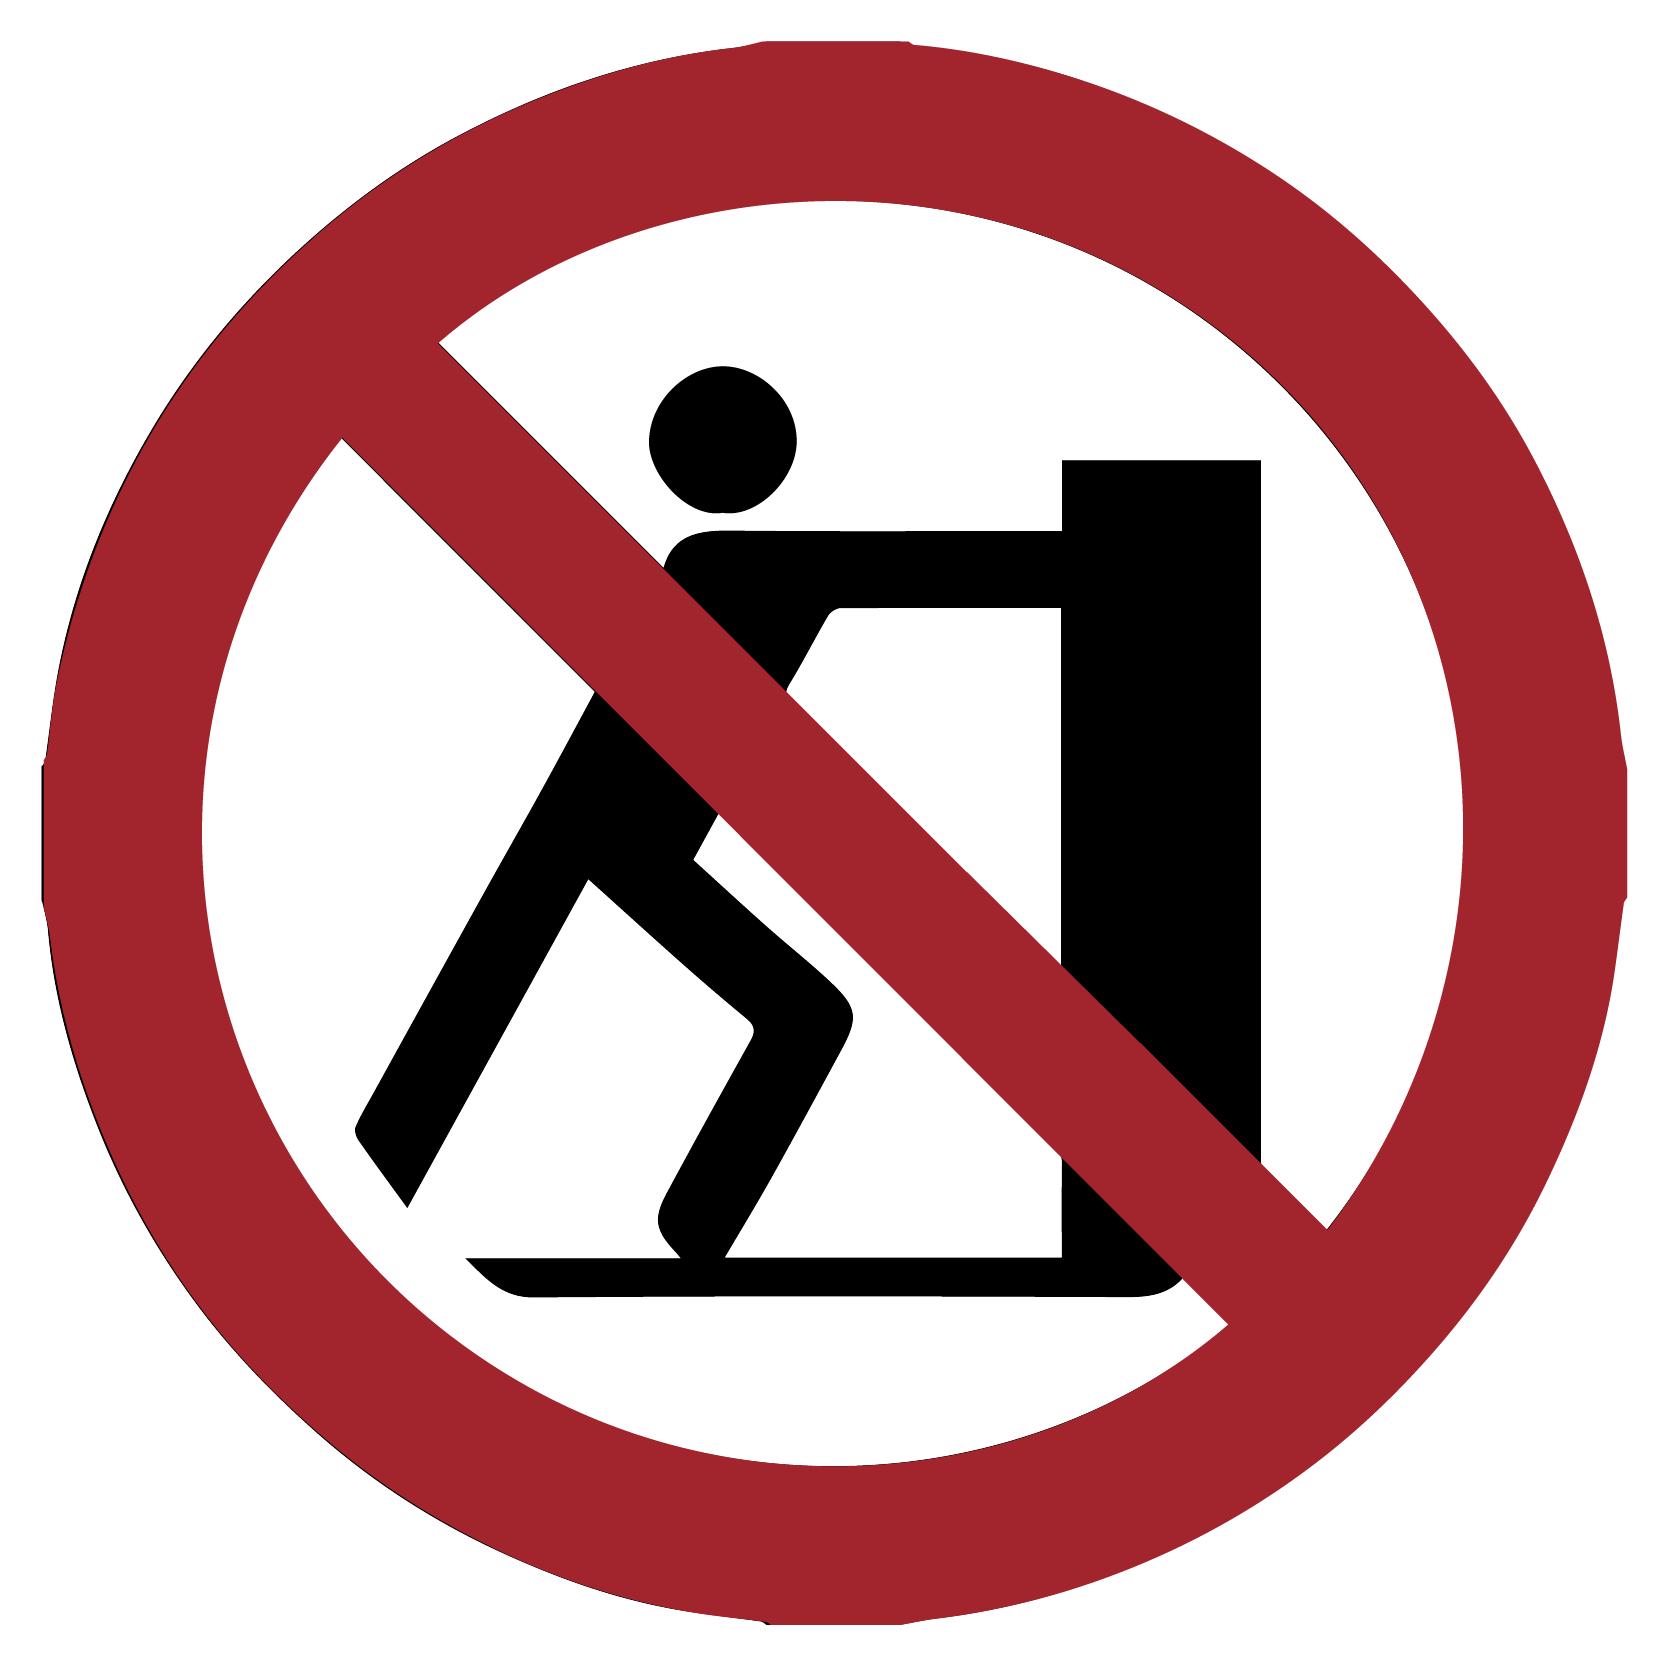 Schieben_verboten